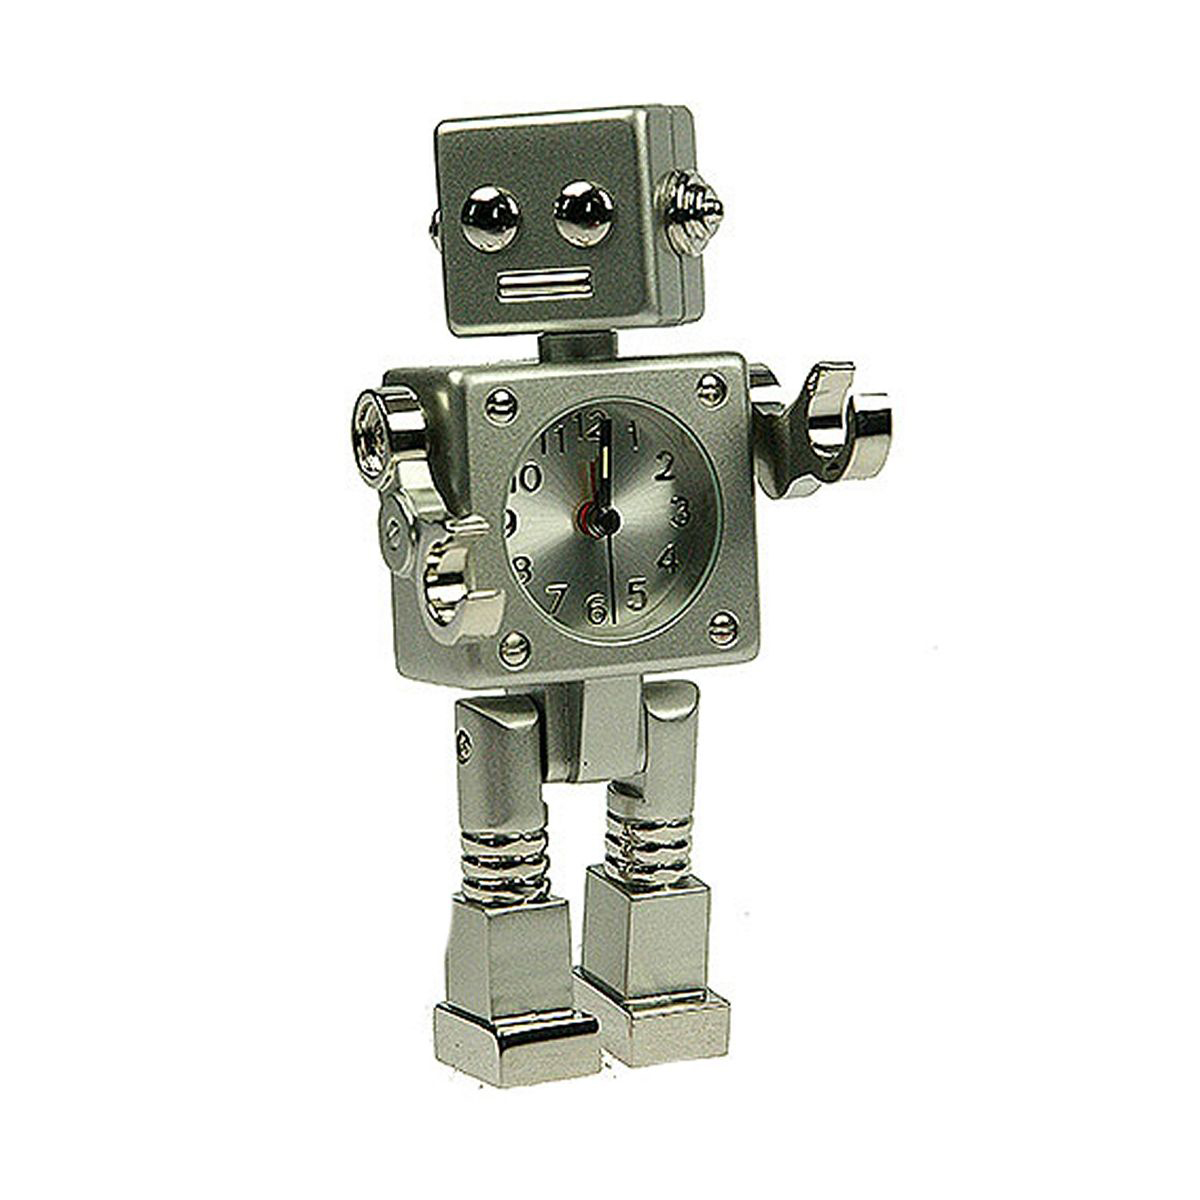 Часы настольные Русские Подарки Робот. 22432SC - 27DНастольные кварцевые часы Русские Подарки Робот изготовлены из металла. Изделие оригинально оформлено в виде робота. Часы имеют три стрелки - часовую, минутную и секундную.Такие часы украсят интерьер дома или рабочий стол в офисе. Также часы могут стать уникальным, полезным подарком для родственников, коллег, знакомых и близких.Часы работают от батареек типа SR626 (в комплект не входят).